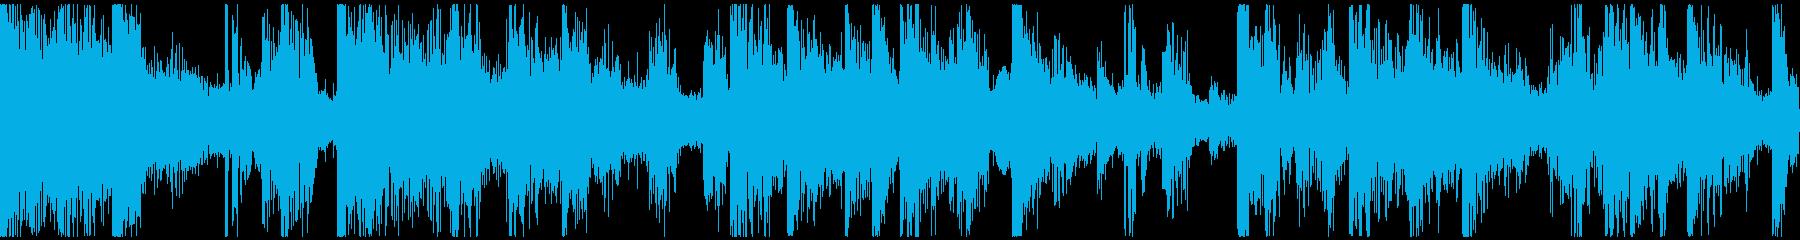 ループ。オシャレピアノ。ソウル風。の再生済みの波形